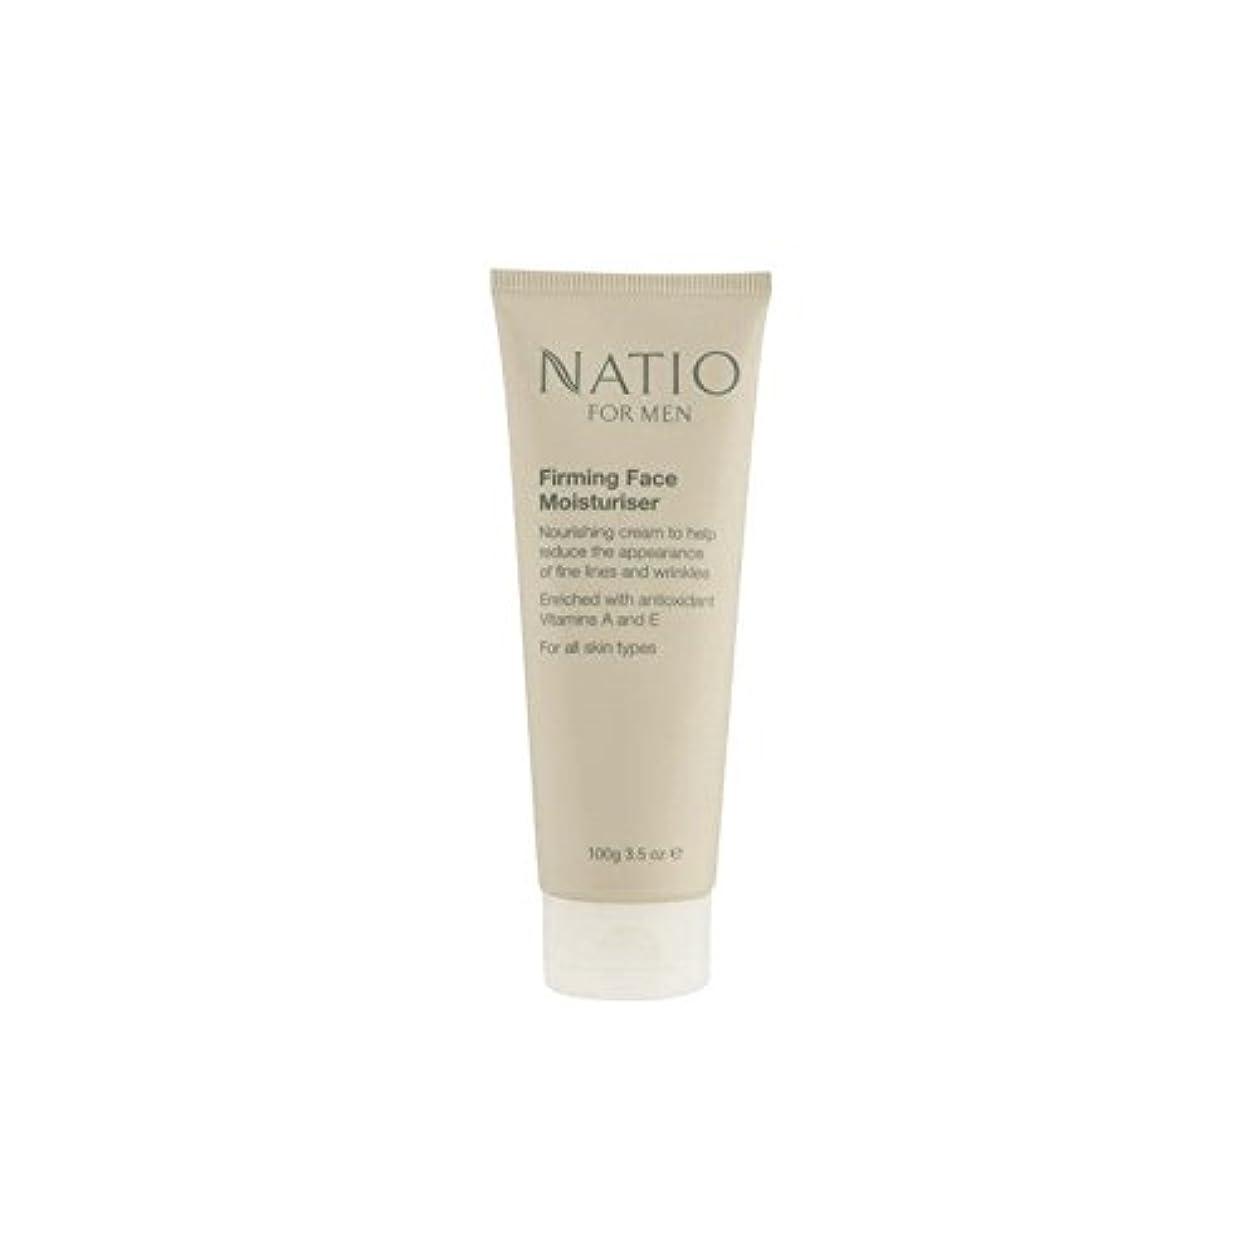 有益自然公園行くNatio For Men Firming Face Moisturiser (100G) (Pack of 6) - 顔の保湿剤を引き締め男性のための(100グラム) x6 [並行輸入品]